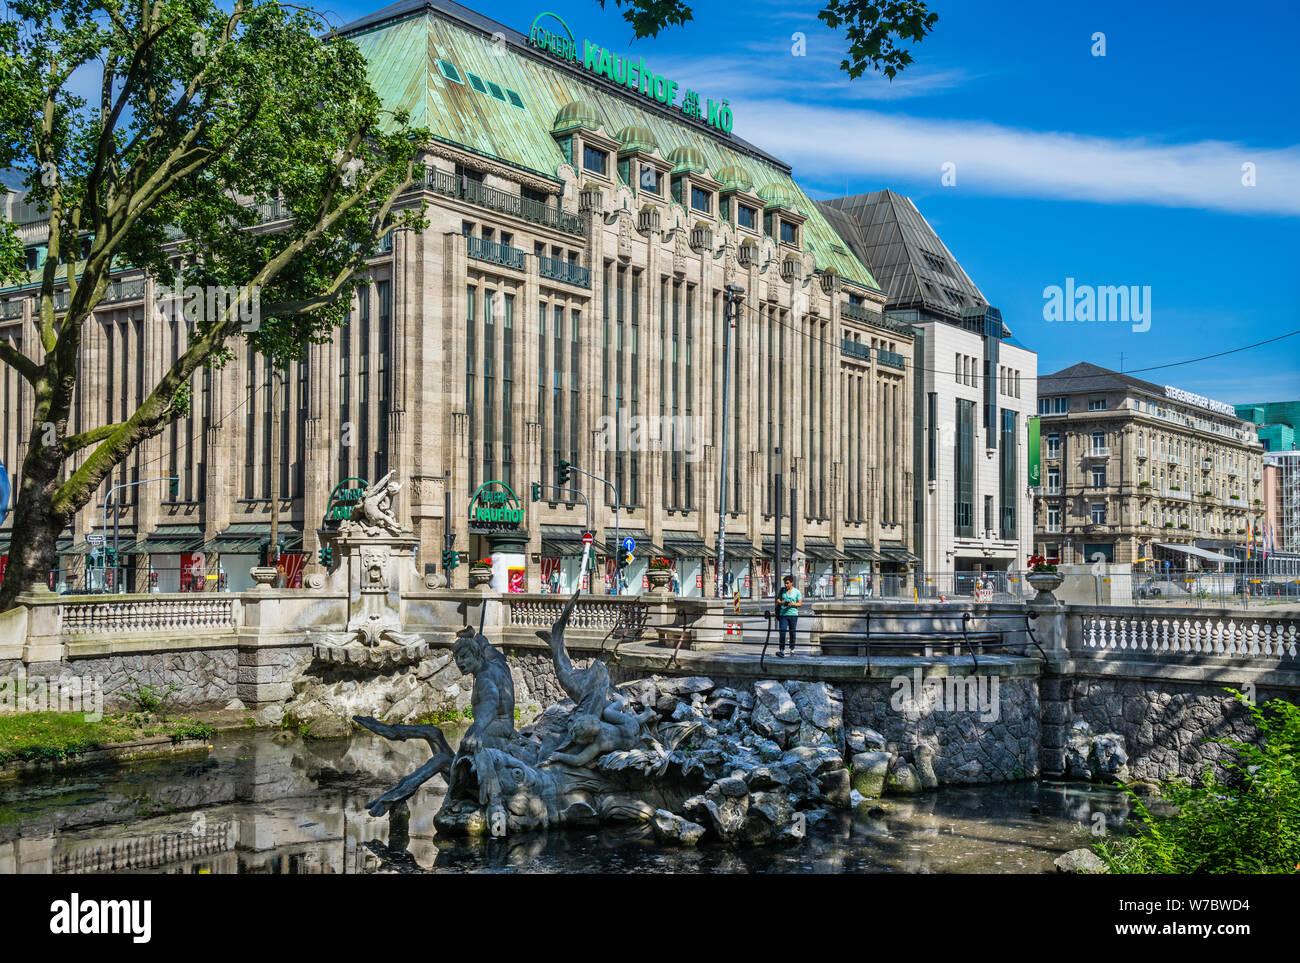 GALERIA Karstadt Kaufhof   Online Shop für Haushaltswaren